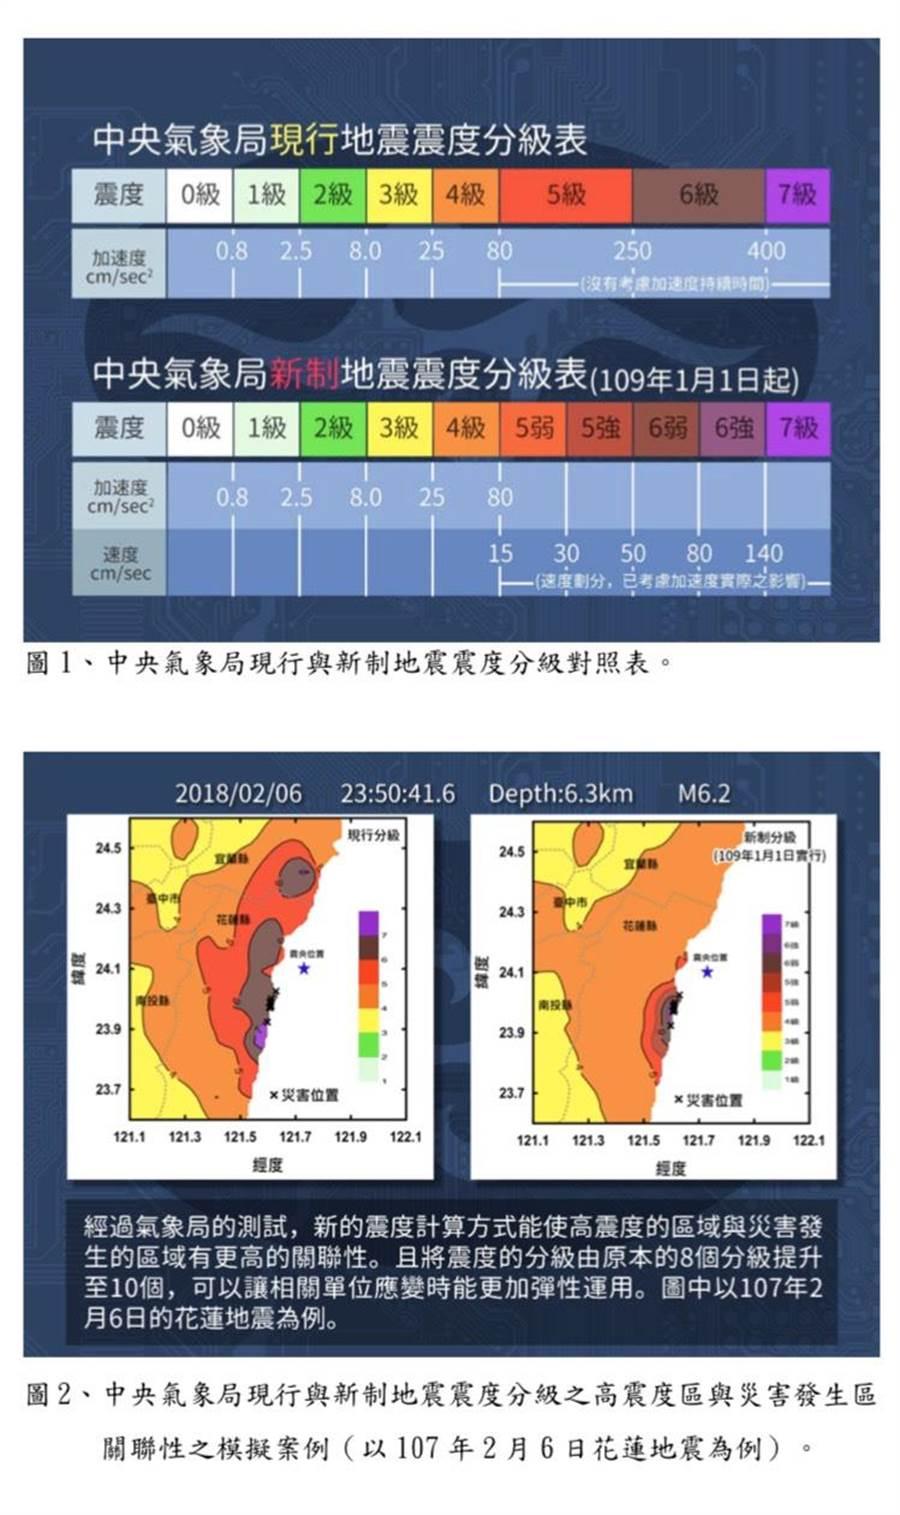 氣象局將實施地震震度新分級,將震度5級、6級分別細分為5弱與5強、6弱與6強。(圖/氣象局提供)